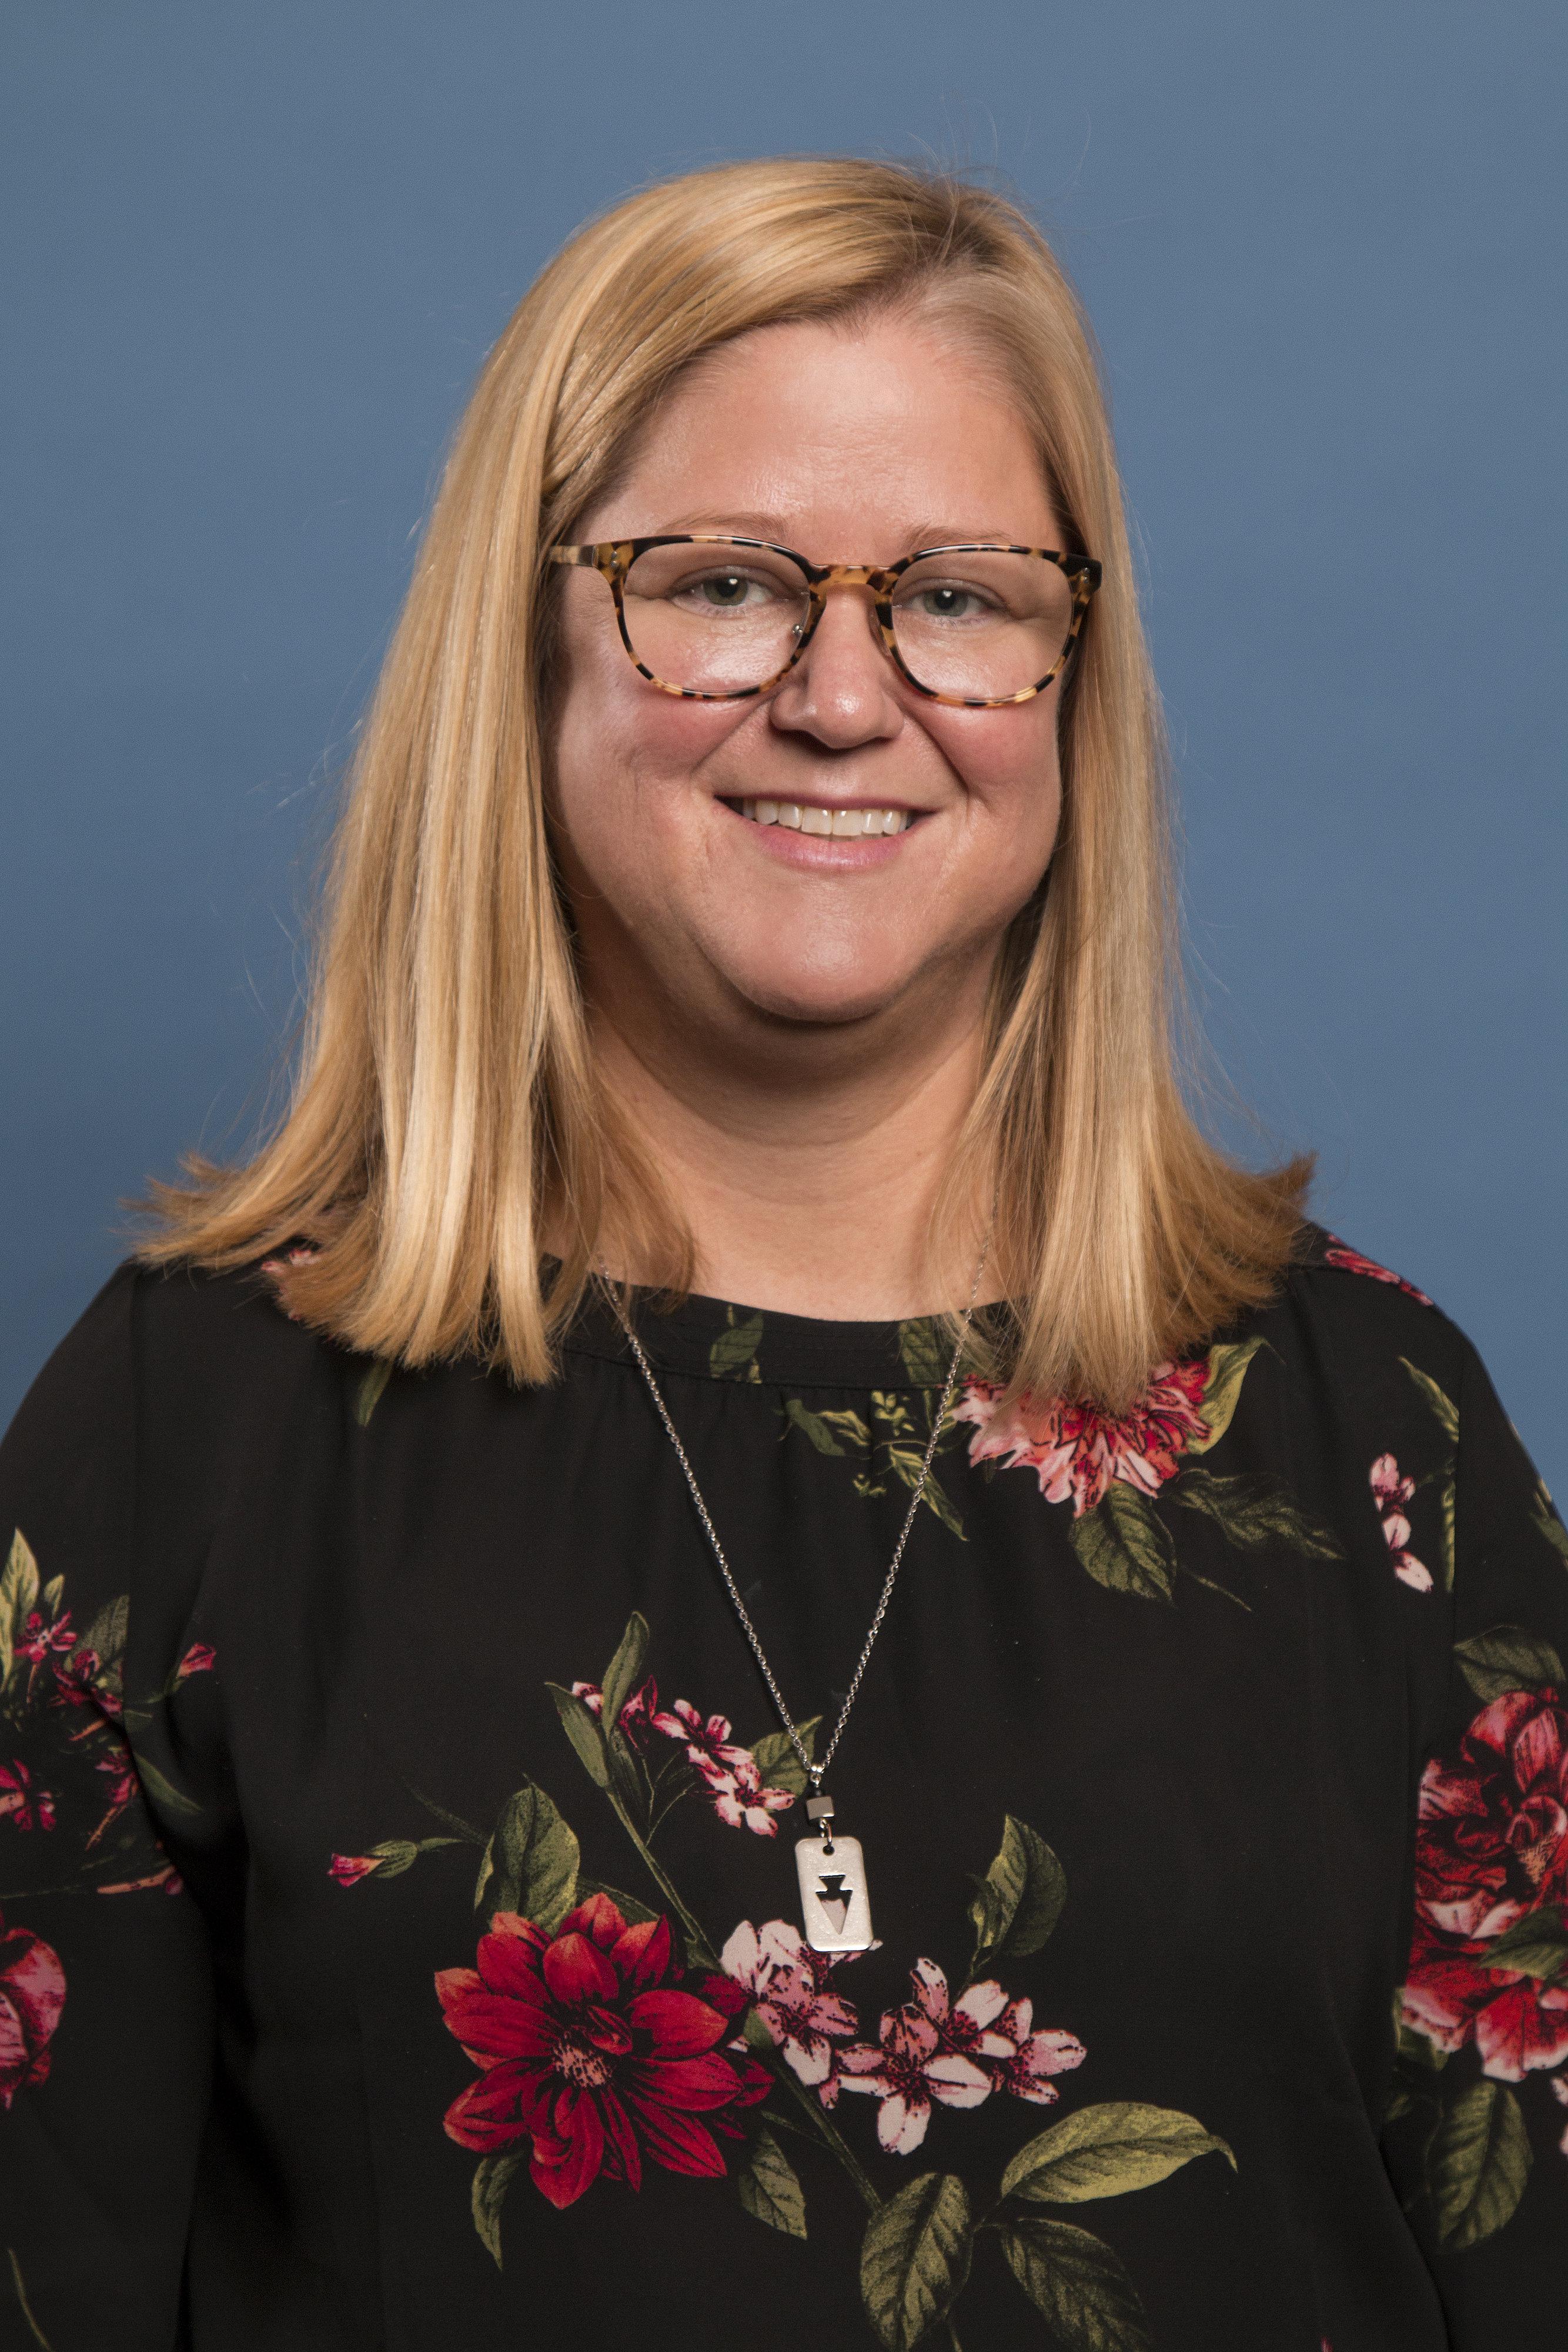 Carrie McEachran